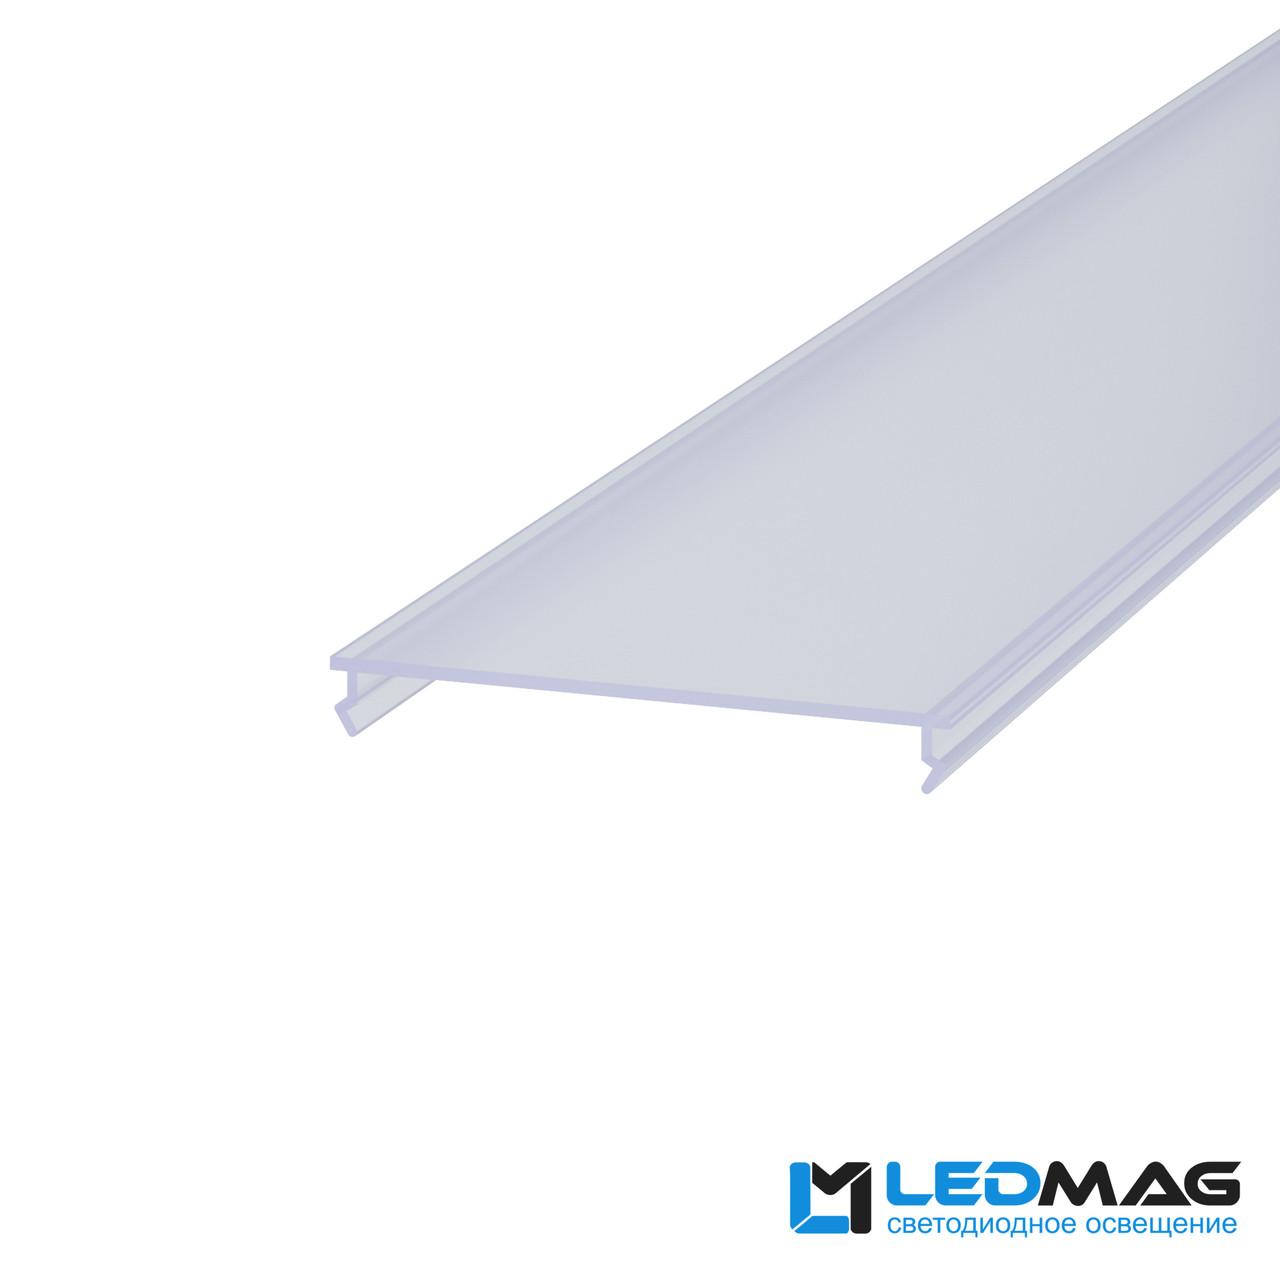 Линза прямоугольная 70мм для профиля LSV-70